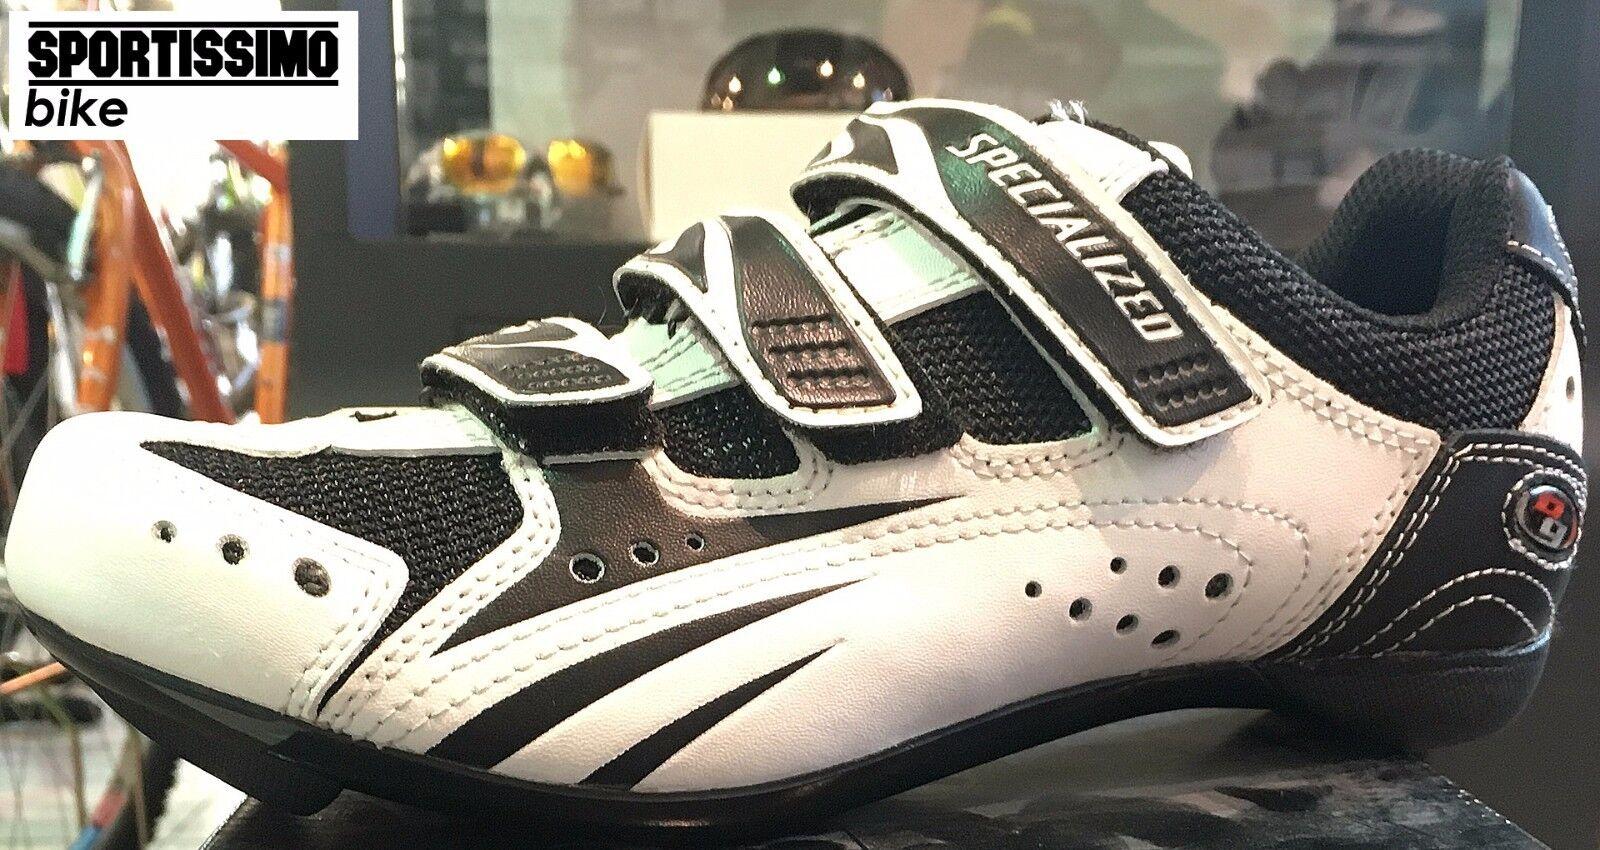 OFFERTISSIMA Schuhe SPECIALIZED SPECIALIZED SPECIALIZED SPORT ROAD (MISURA 38) 6bef88